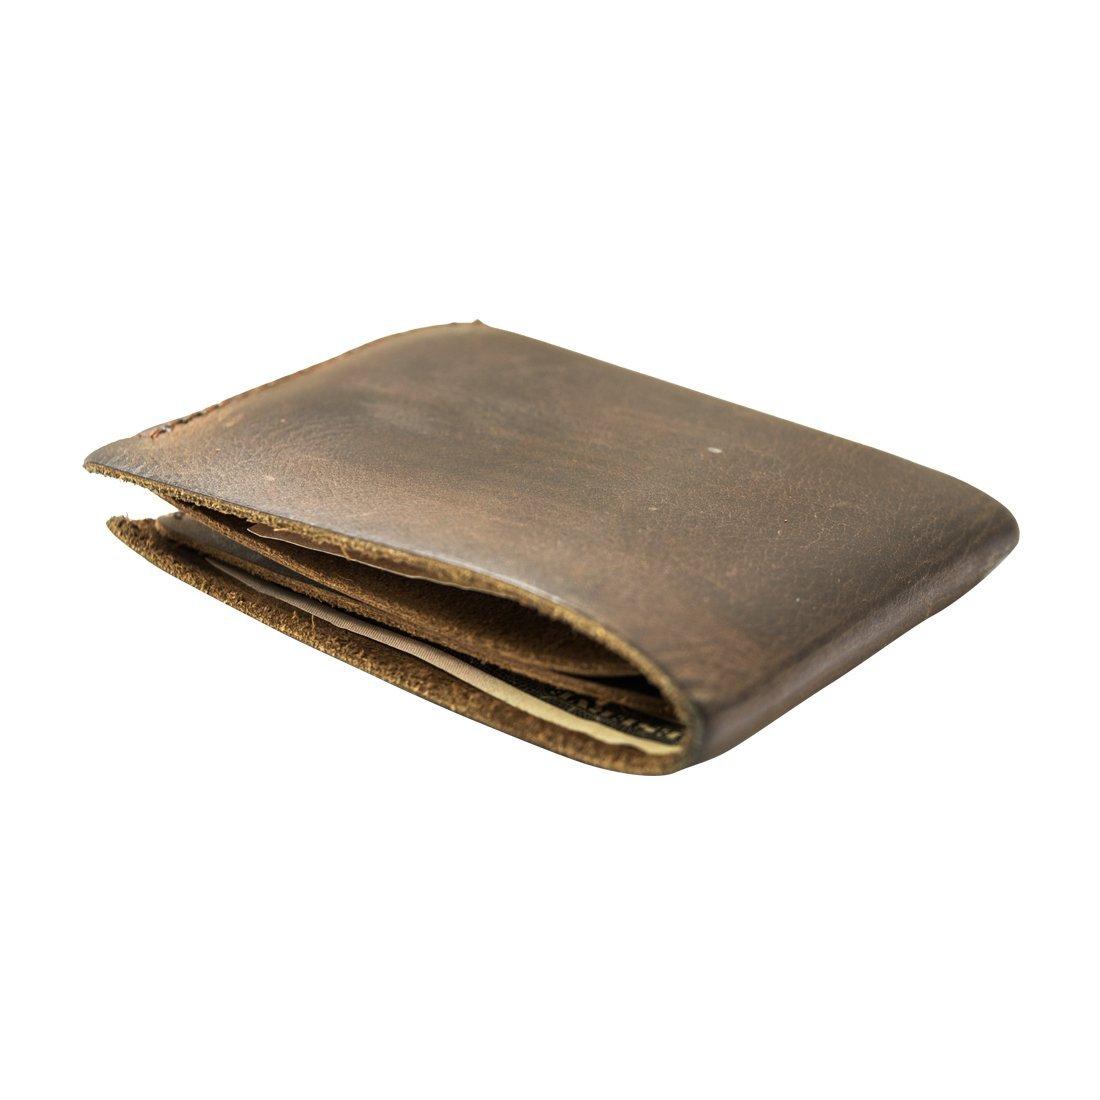 Rustic Leather Slimfold Wallet Credit Card Holder :: Bourbon Brown Hide & Drink 10457643